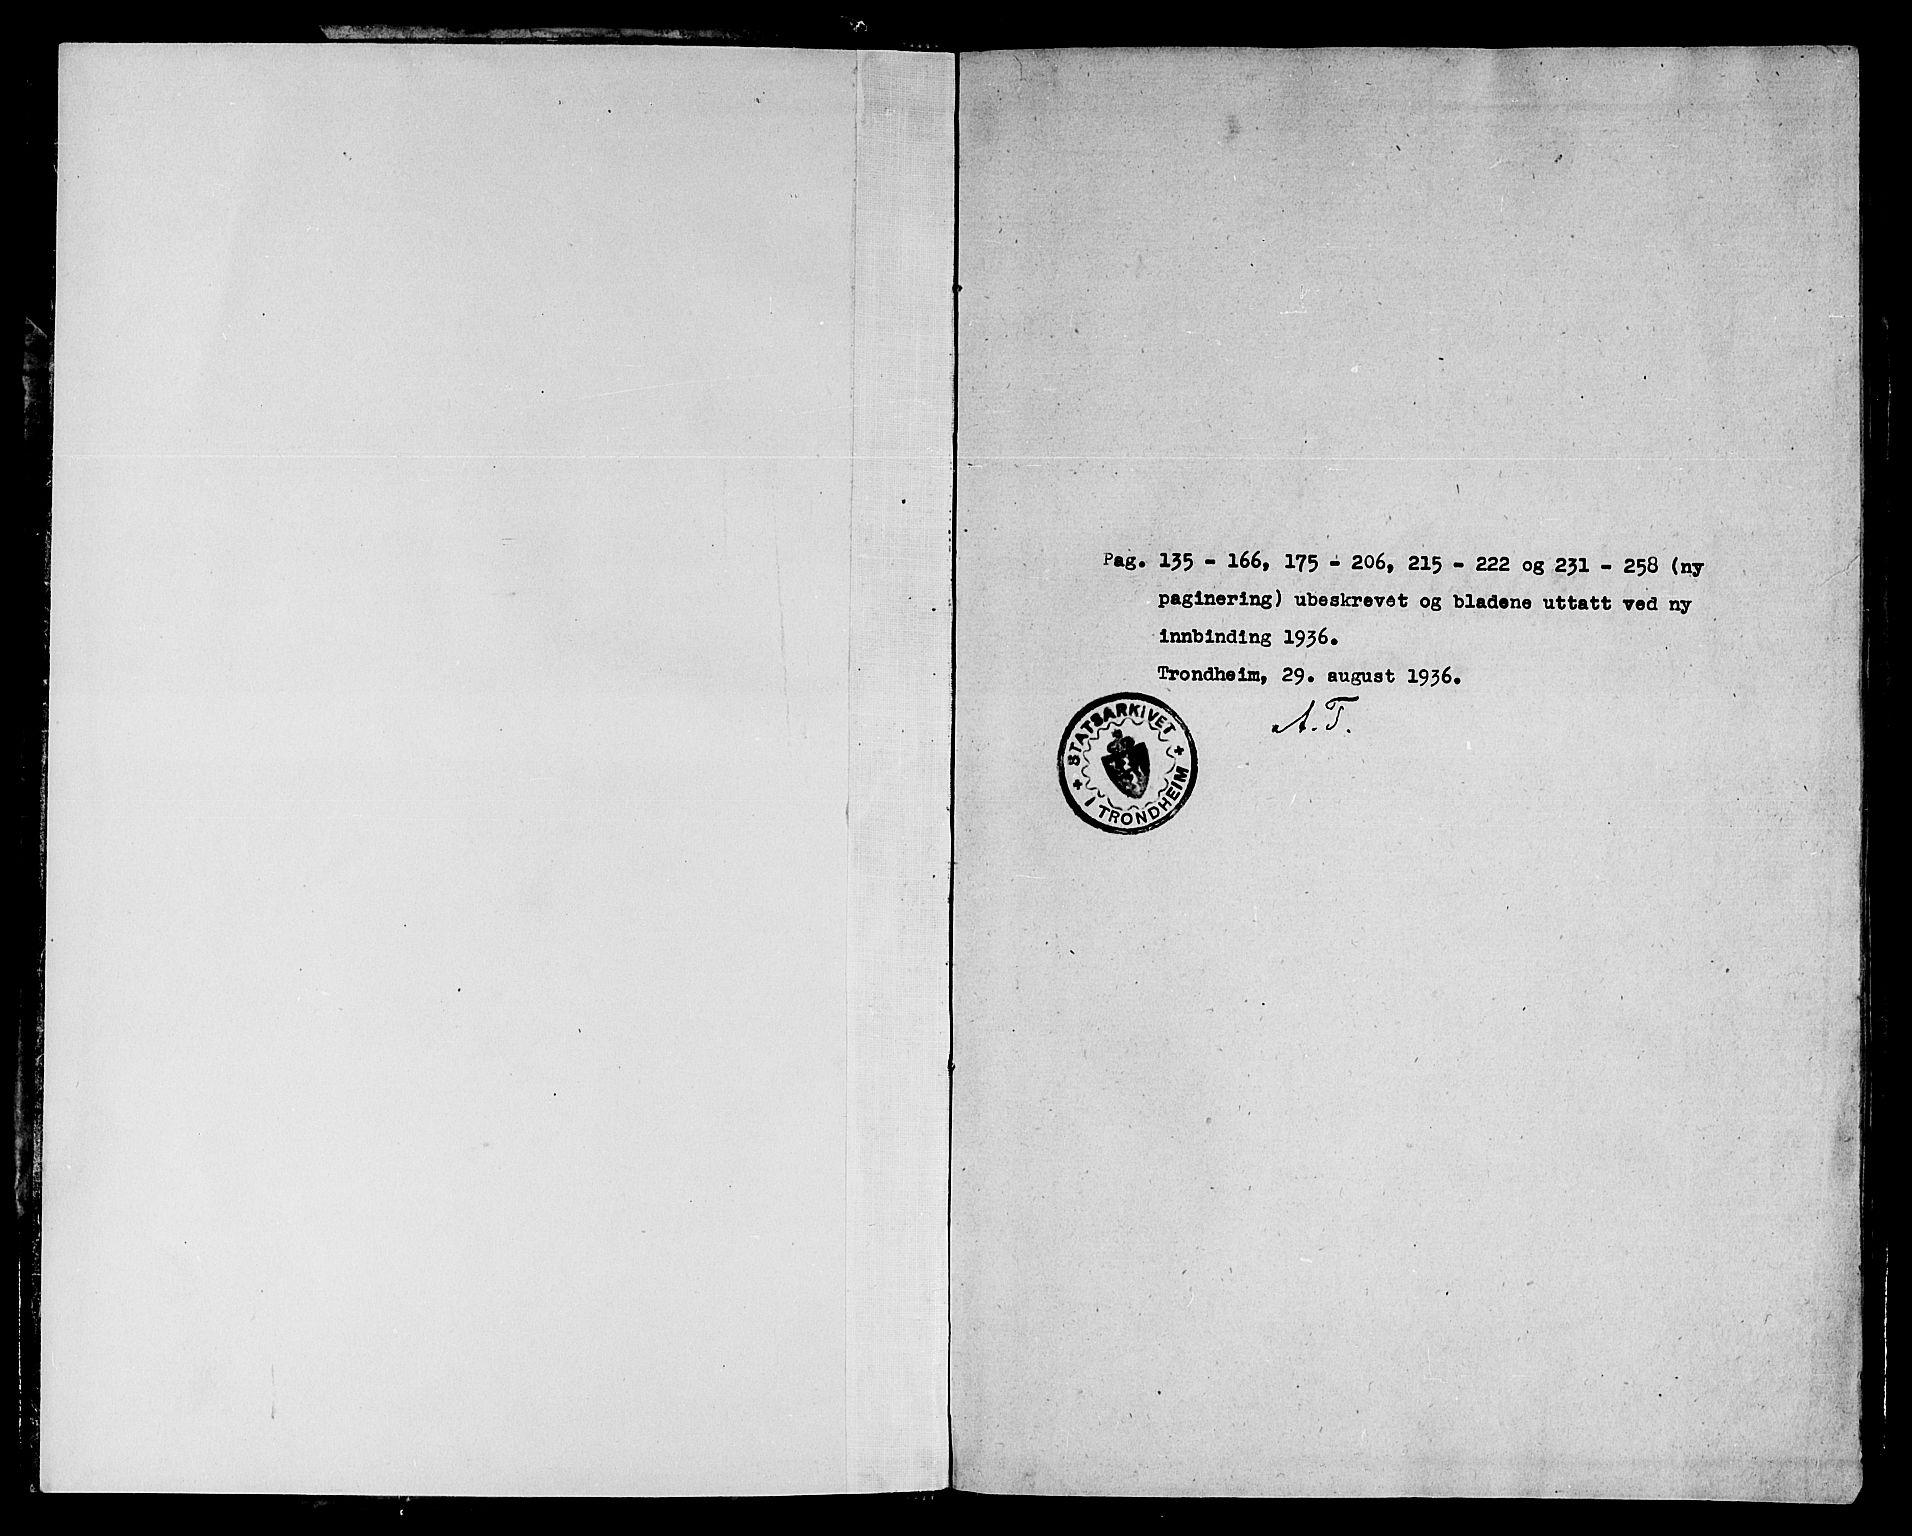 SAT, Ministerialprotokoller, klokkerbøker og fødselsregistre - Sør-Trøndelag, 668/L0801: Ministerialbok nr. 668A01, 1695-1716